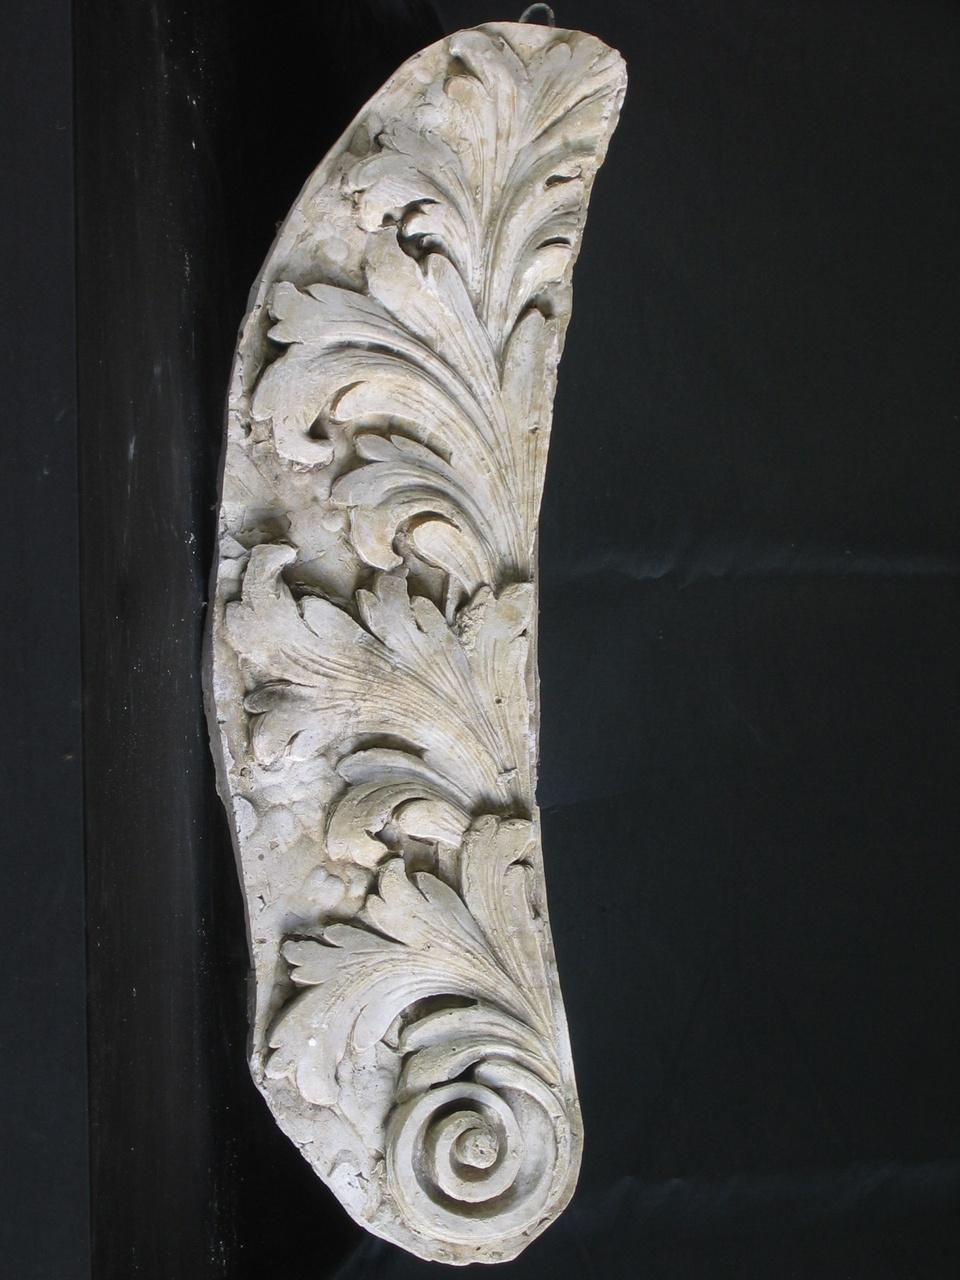 Een gipsmodel met bladmotief en spiraal